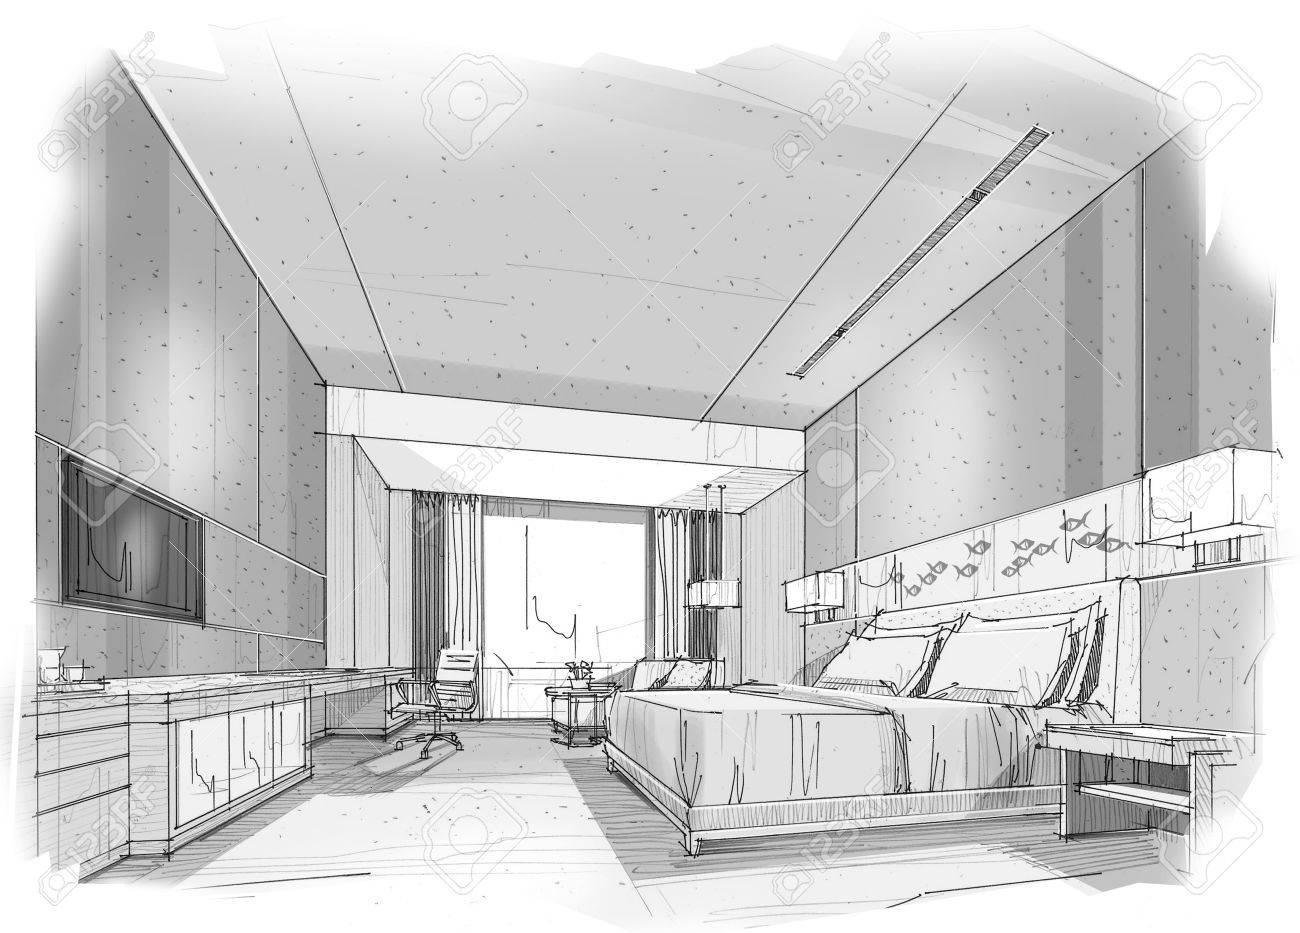 croquis perspective interieure rayures chambre couleur noir et blanc